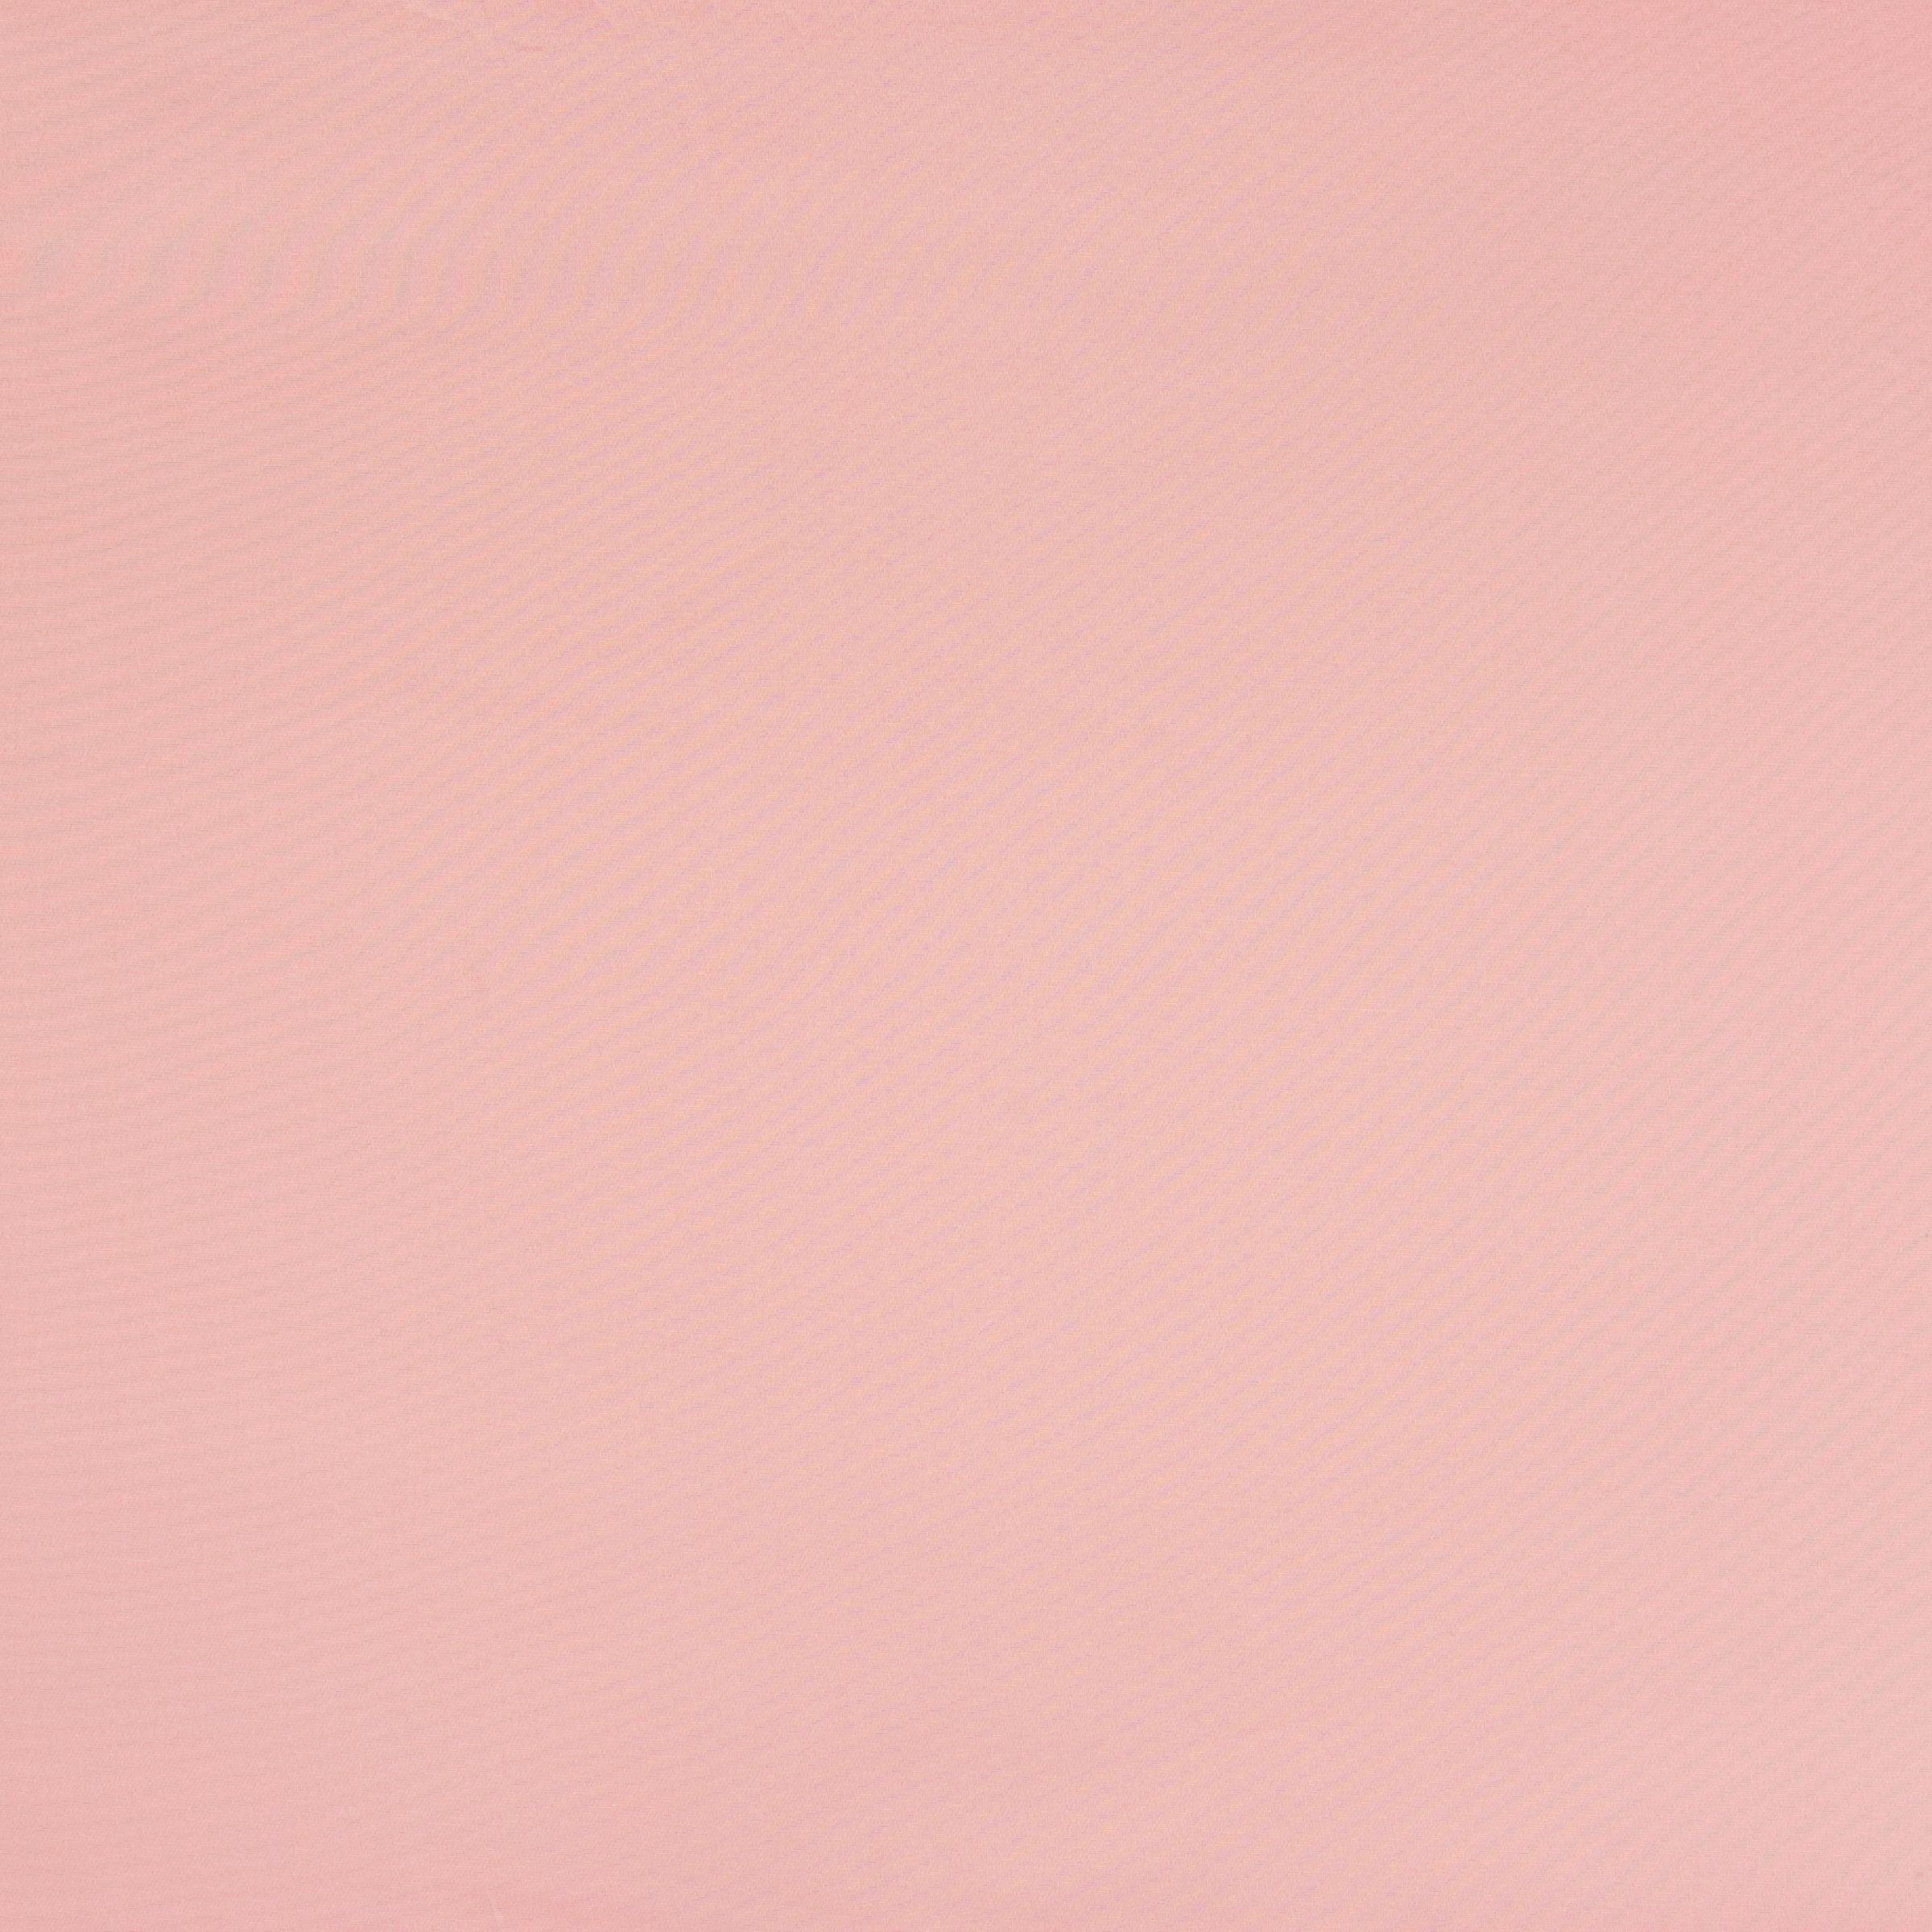 B1064 Pink | Blush • Greenhouse Fabrics | Pinterest | Greenhouse ...